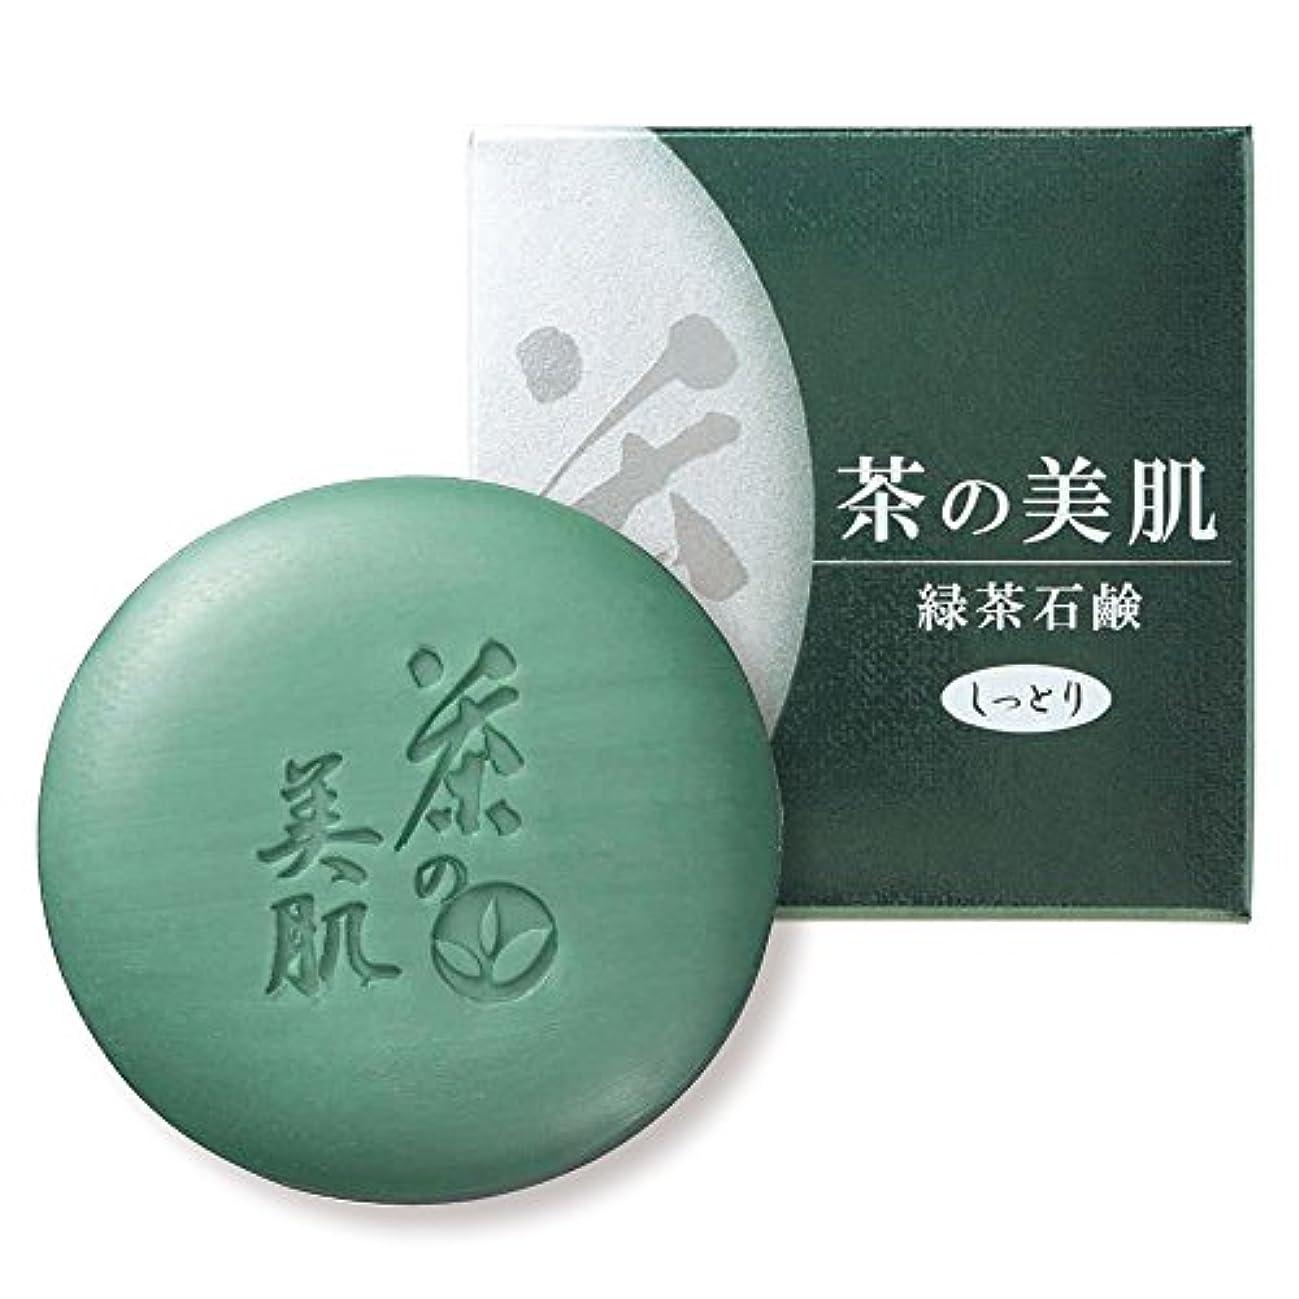 体細胞突進パトロンお茶村 洗顔 茶の美肌 緑茶 石鹸 65g